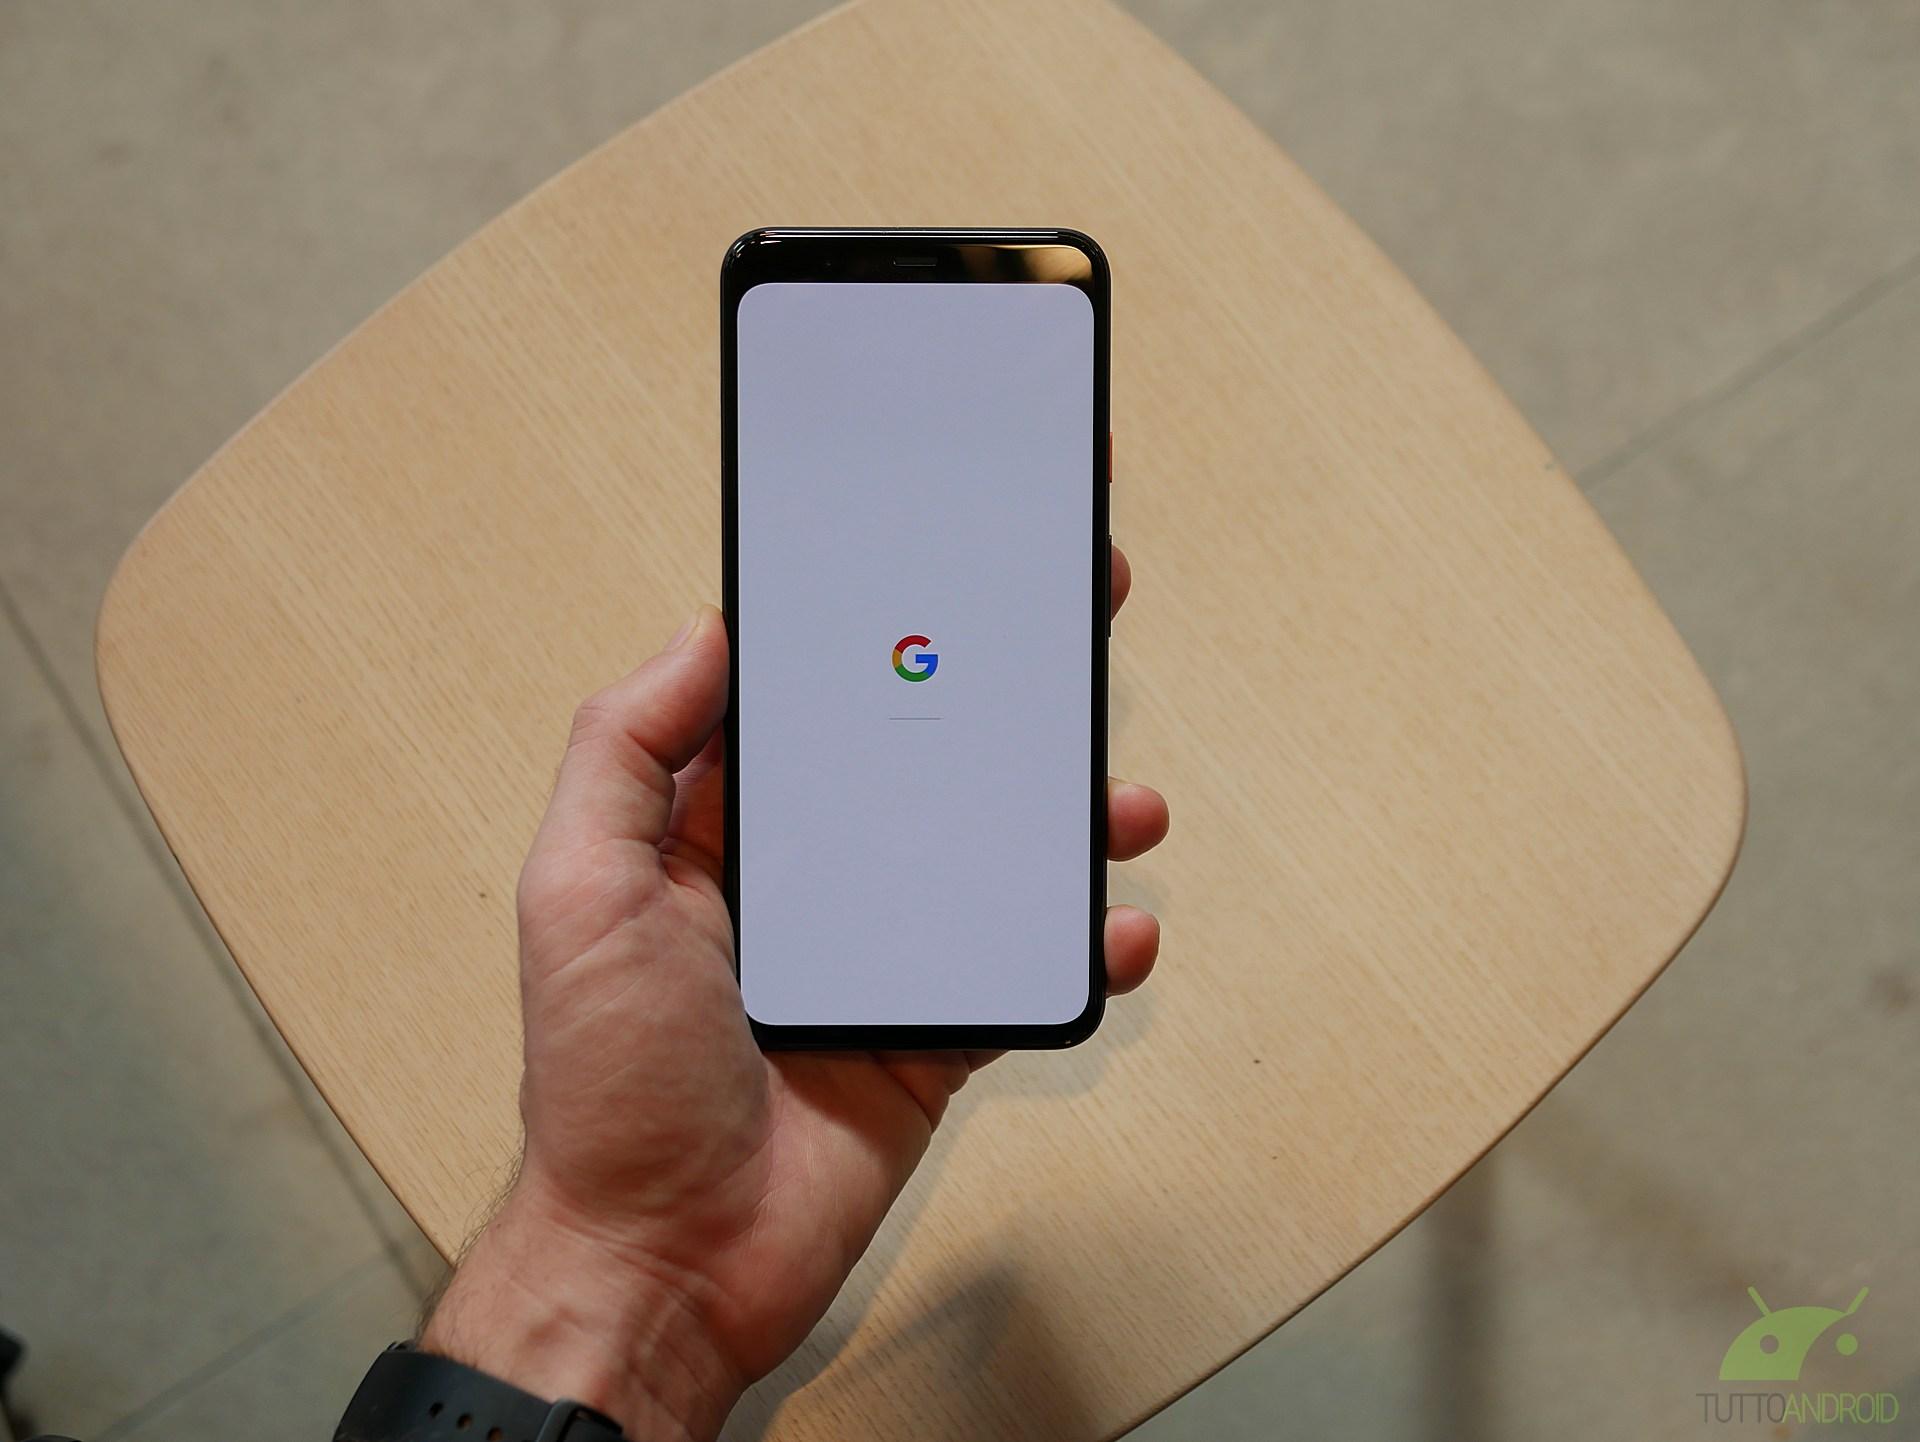 Google aggiunge altre utili funzioni per questi tempi di COVID-19